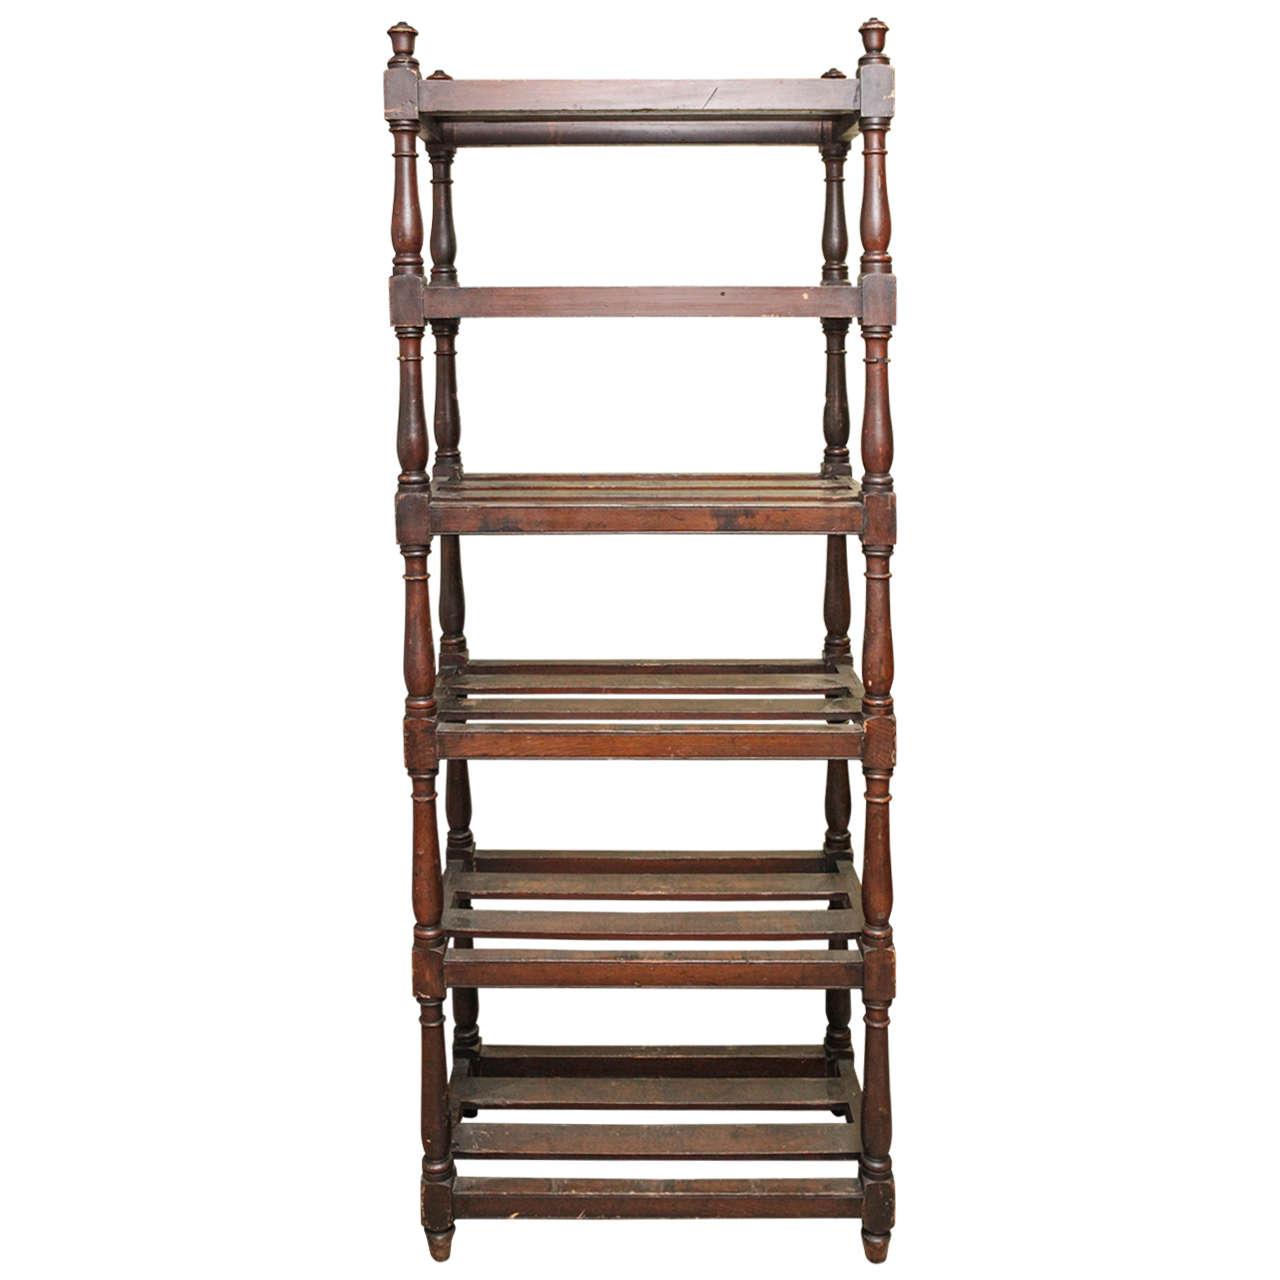 oak etagere for sale at 1stdibs. Black Bedroom Furniture Sets. Home Design Ideas